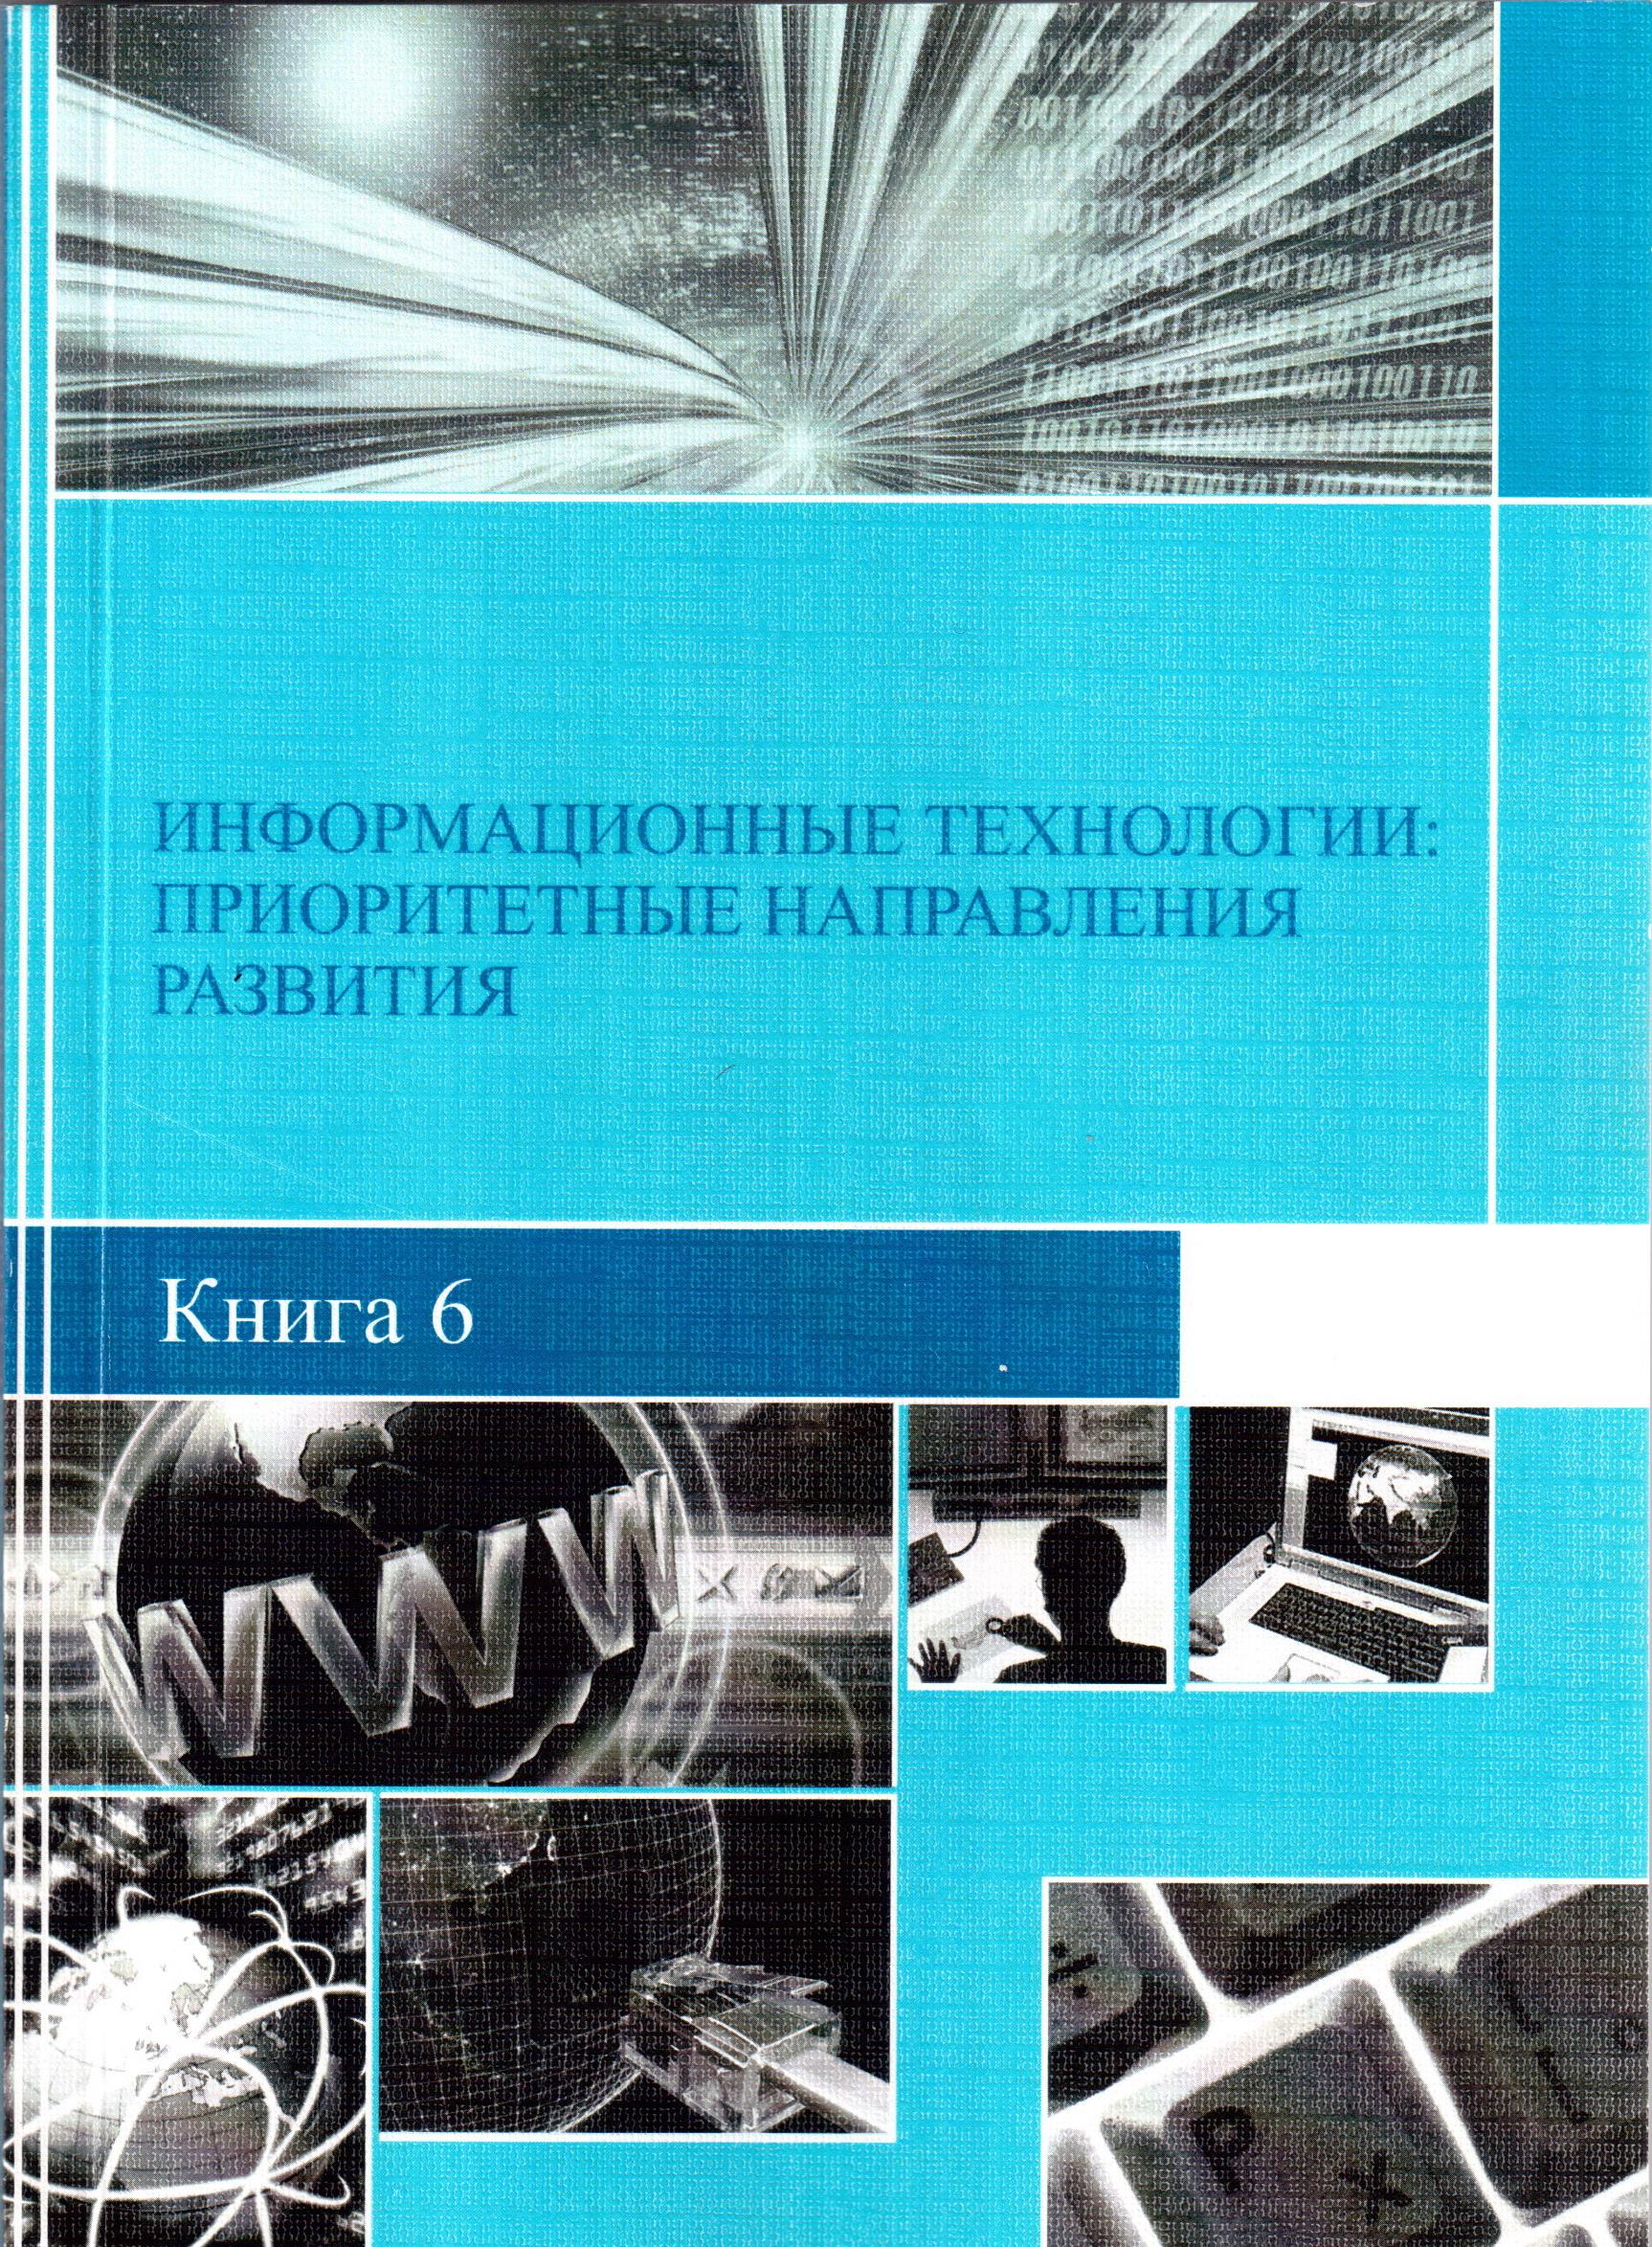 Развитие консалтинговых услуг в сфере информационных технологий